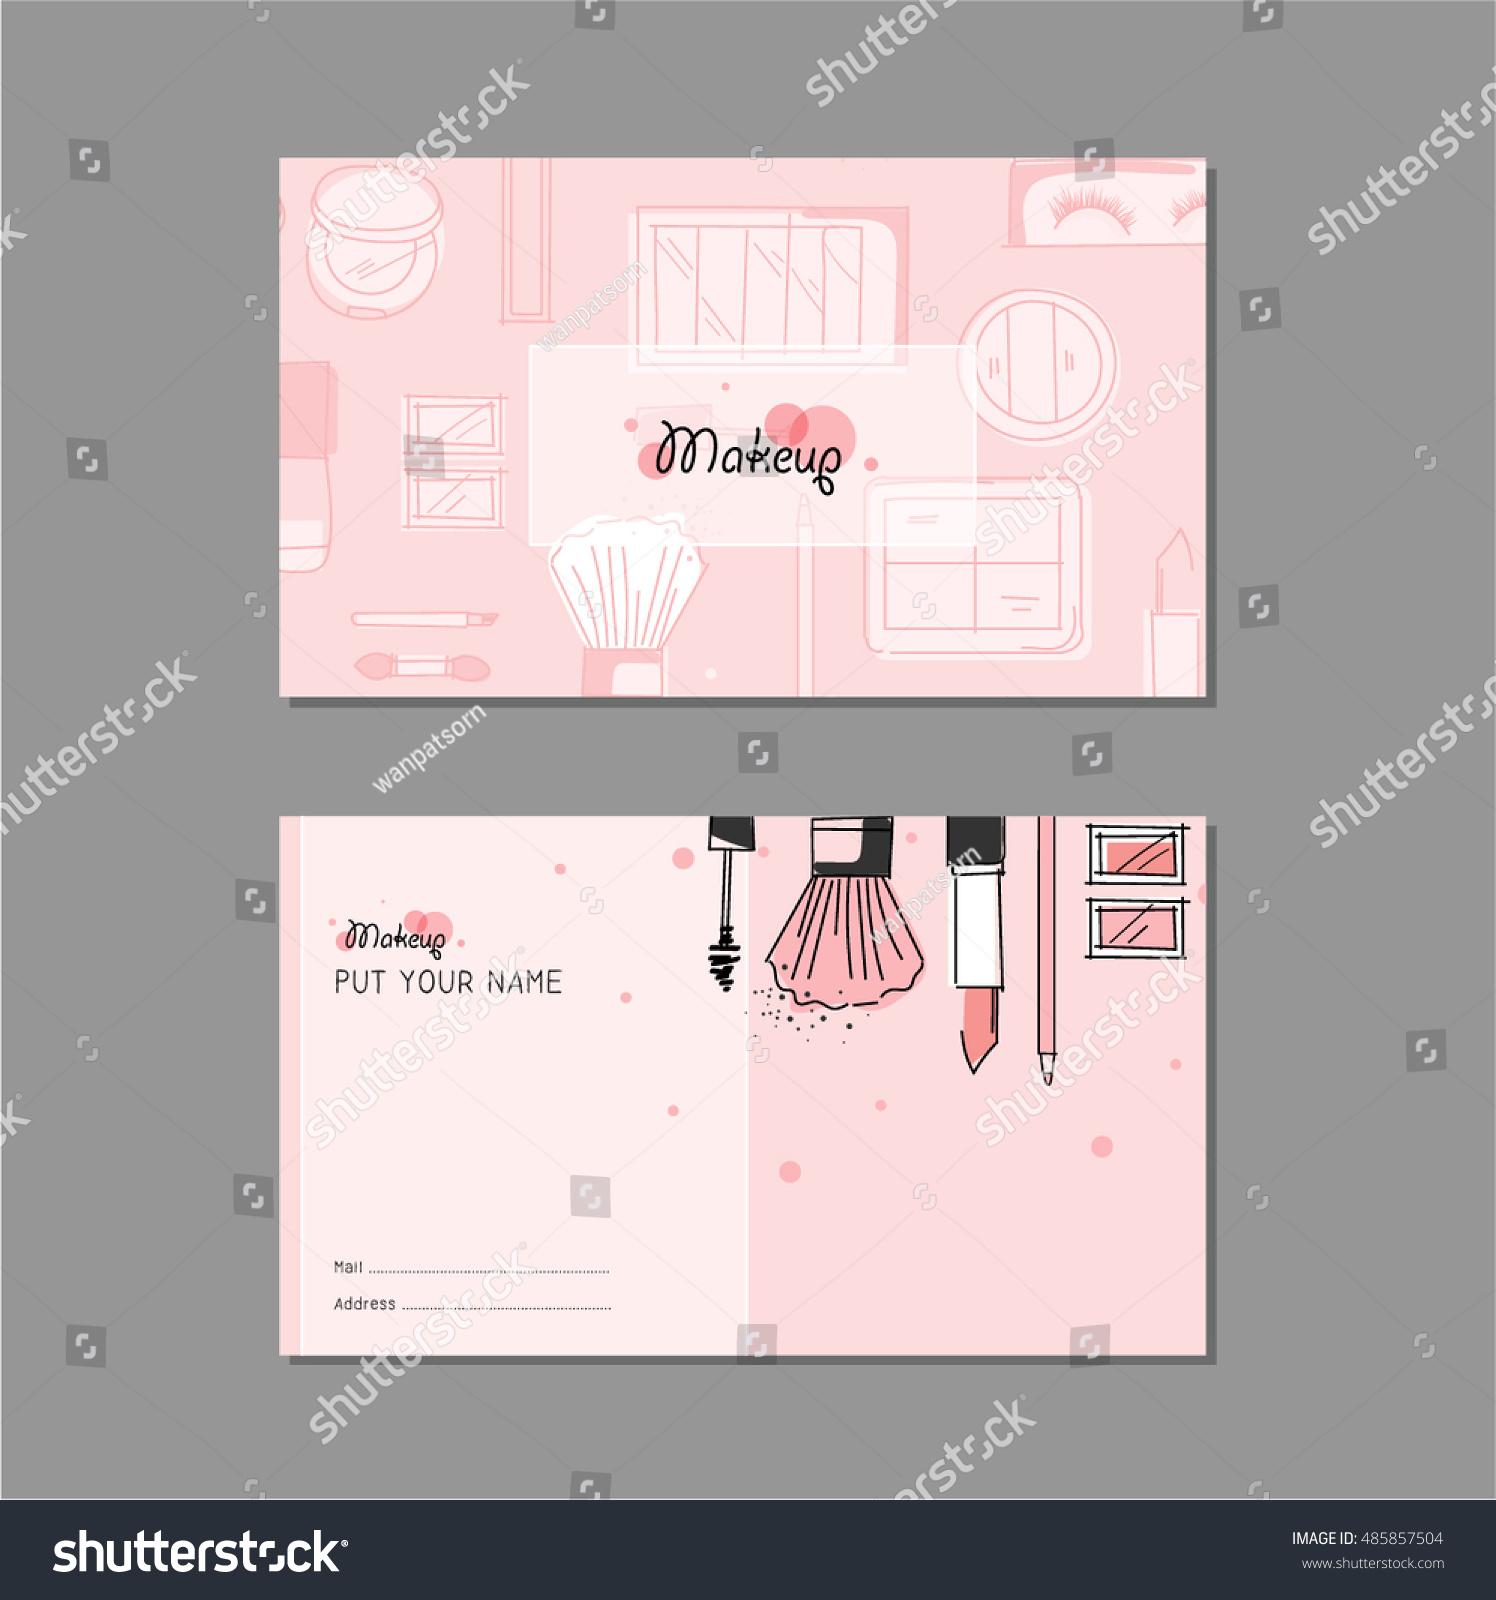 Makeup Artist Business Card Vector Template Stock Vector 485857504 ...